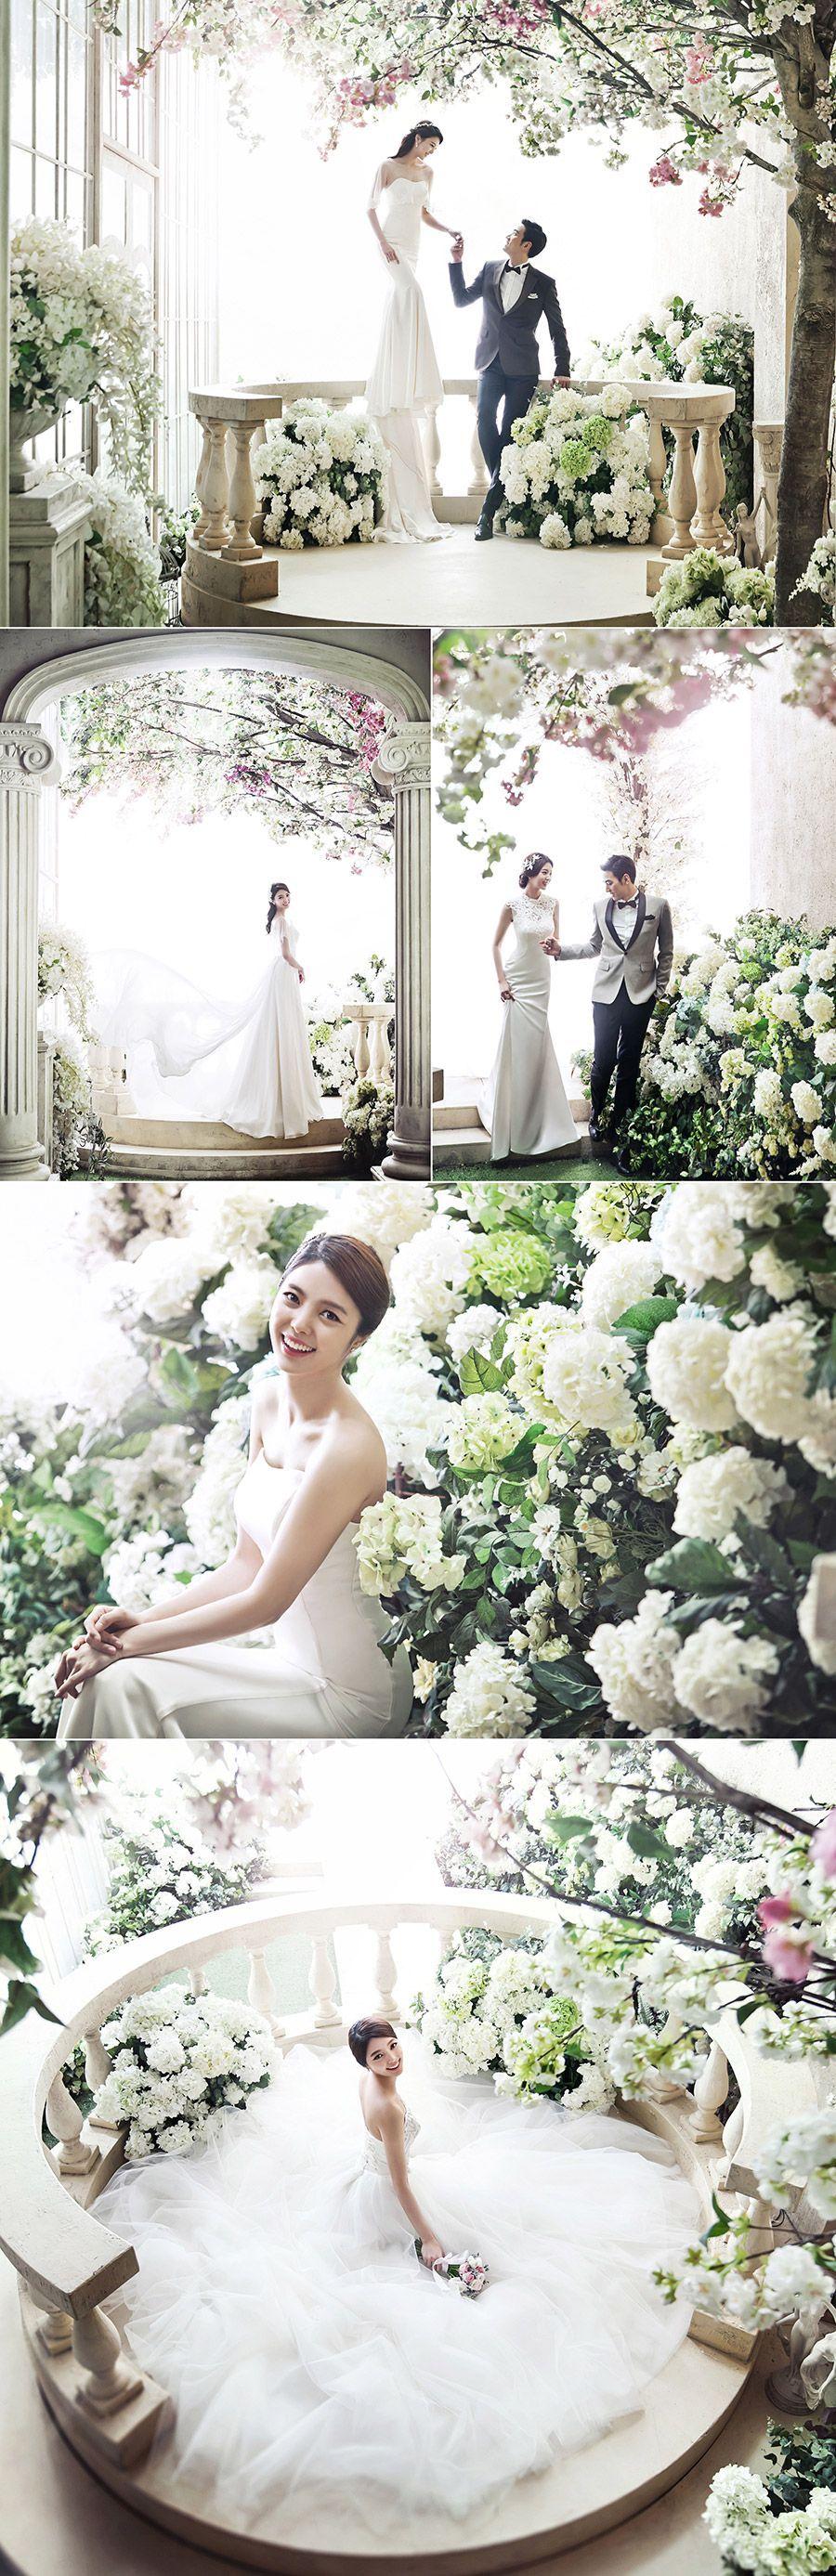 Floral / garden theme korean wedding photography concepts ...